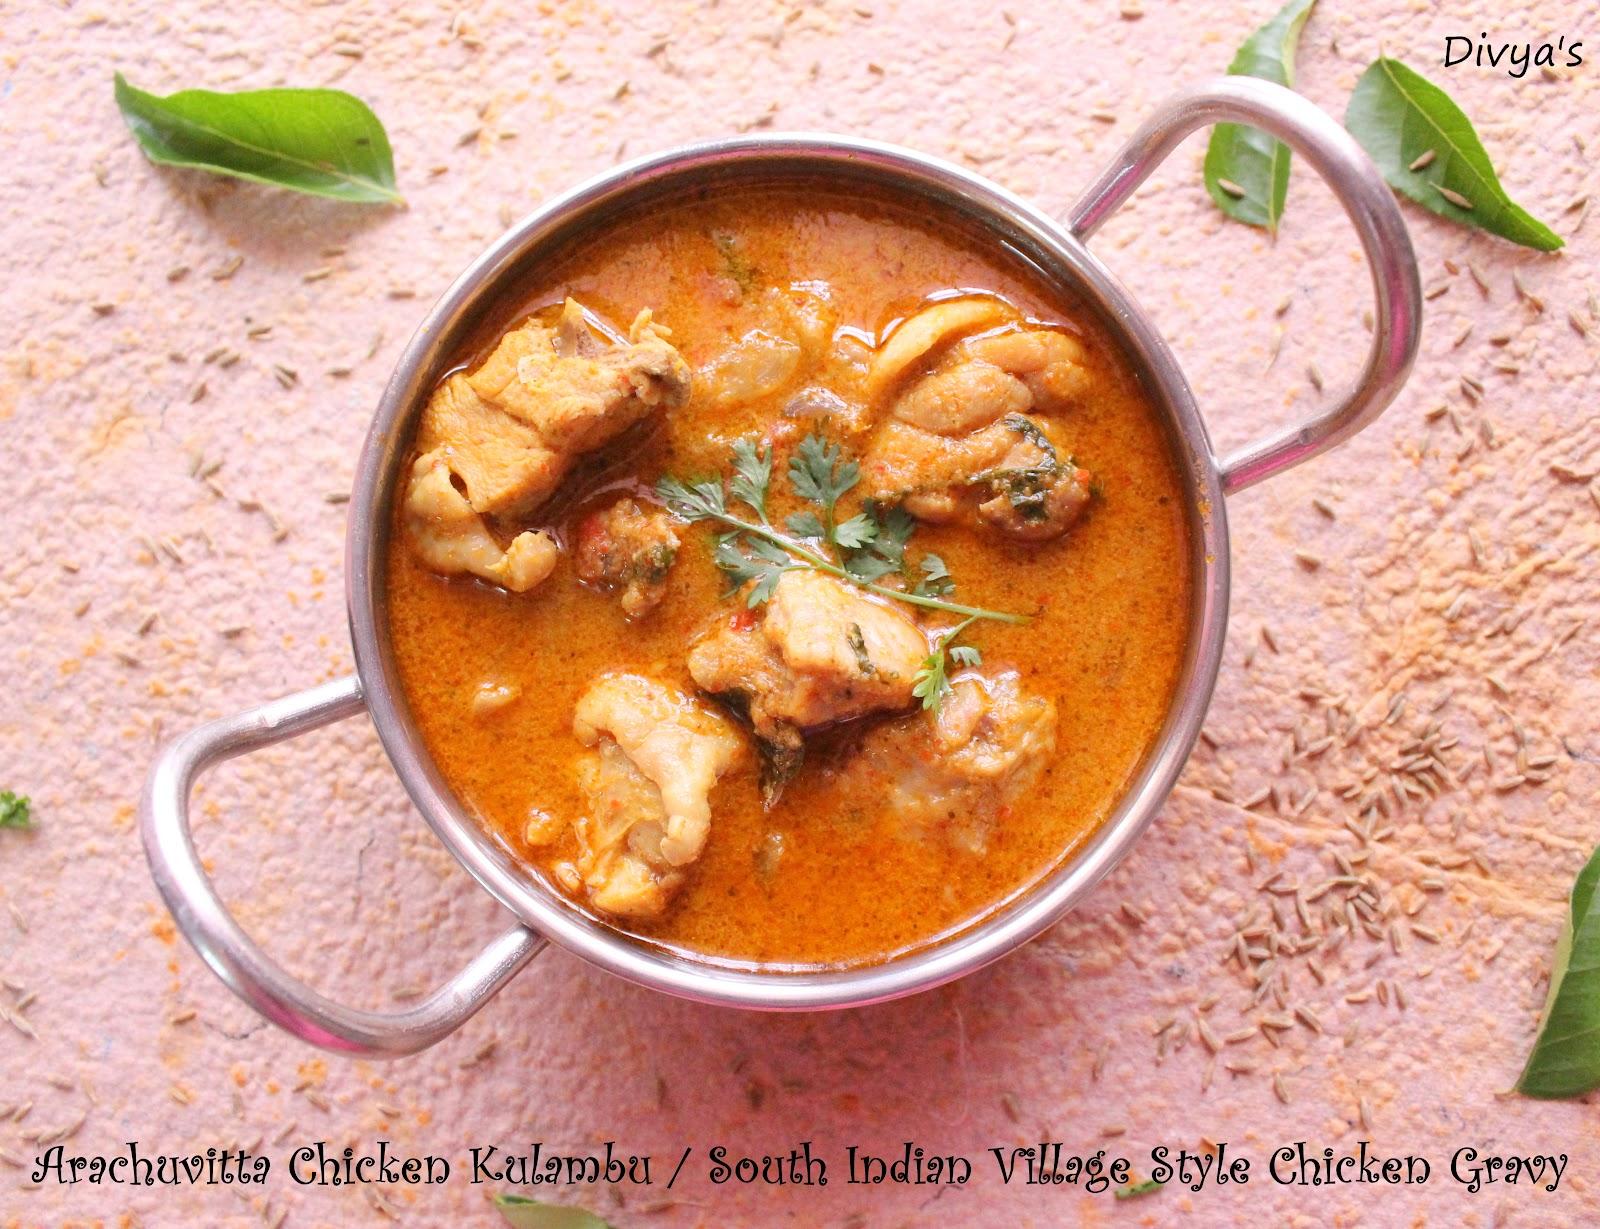 Arachuvitta chicken kulambu south indian village style chicken arachuvitta chicken kulambu south indian village style chicken gravy ccuart Images